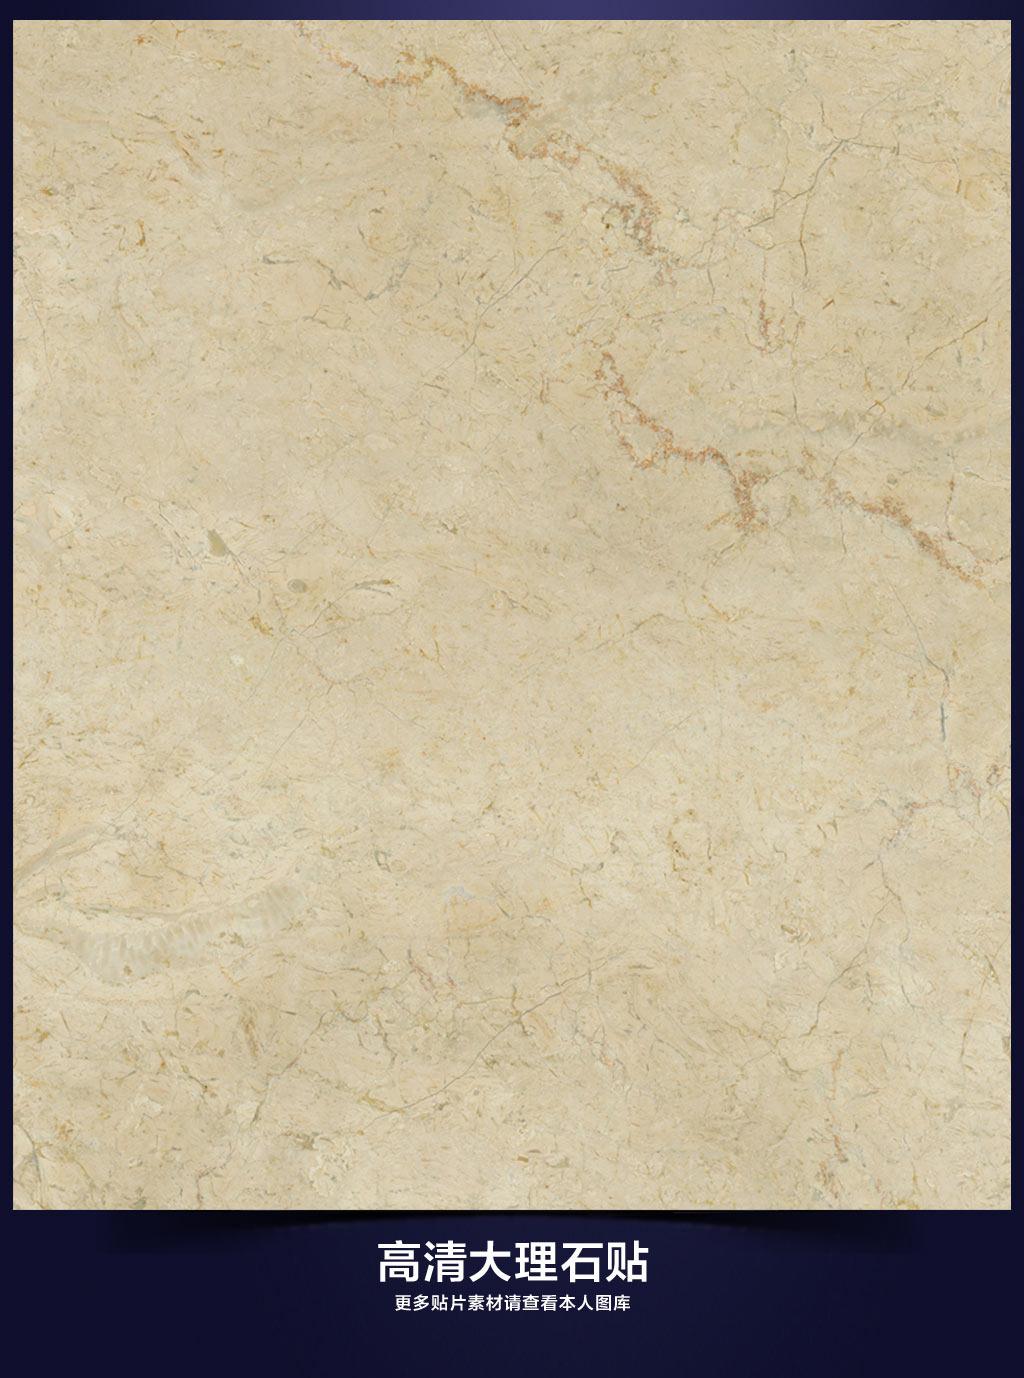 哈雷/[版权图片]高清哈雷米黄大理石纹理贴图